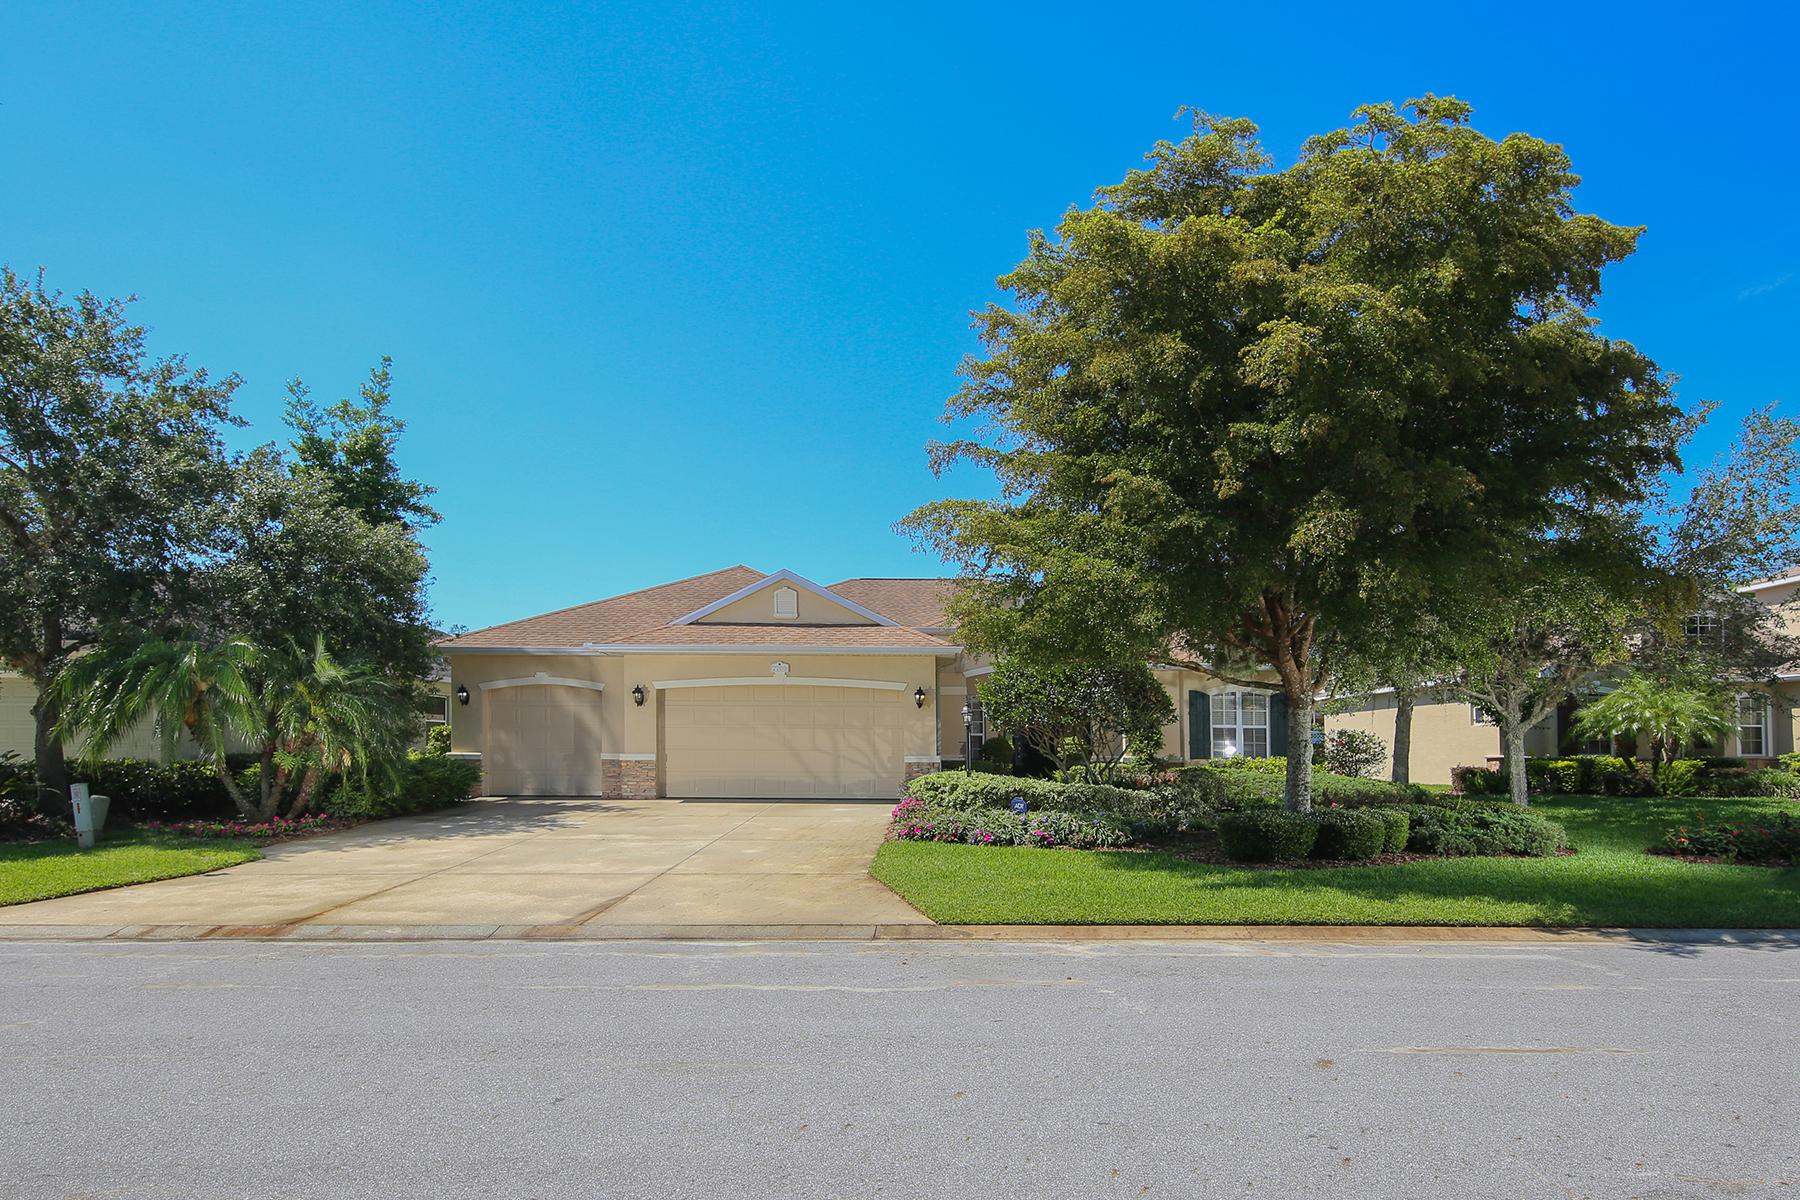 단독 가정 주택 용 매매 에 UNIVERSITY PLACE 7709 Edmonston Cir University Park, 플로리다, 34201 미국